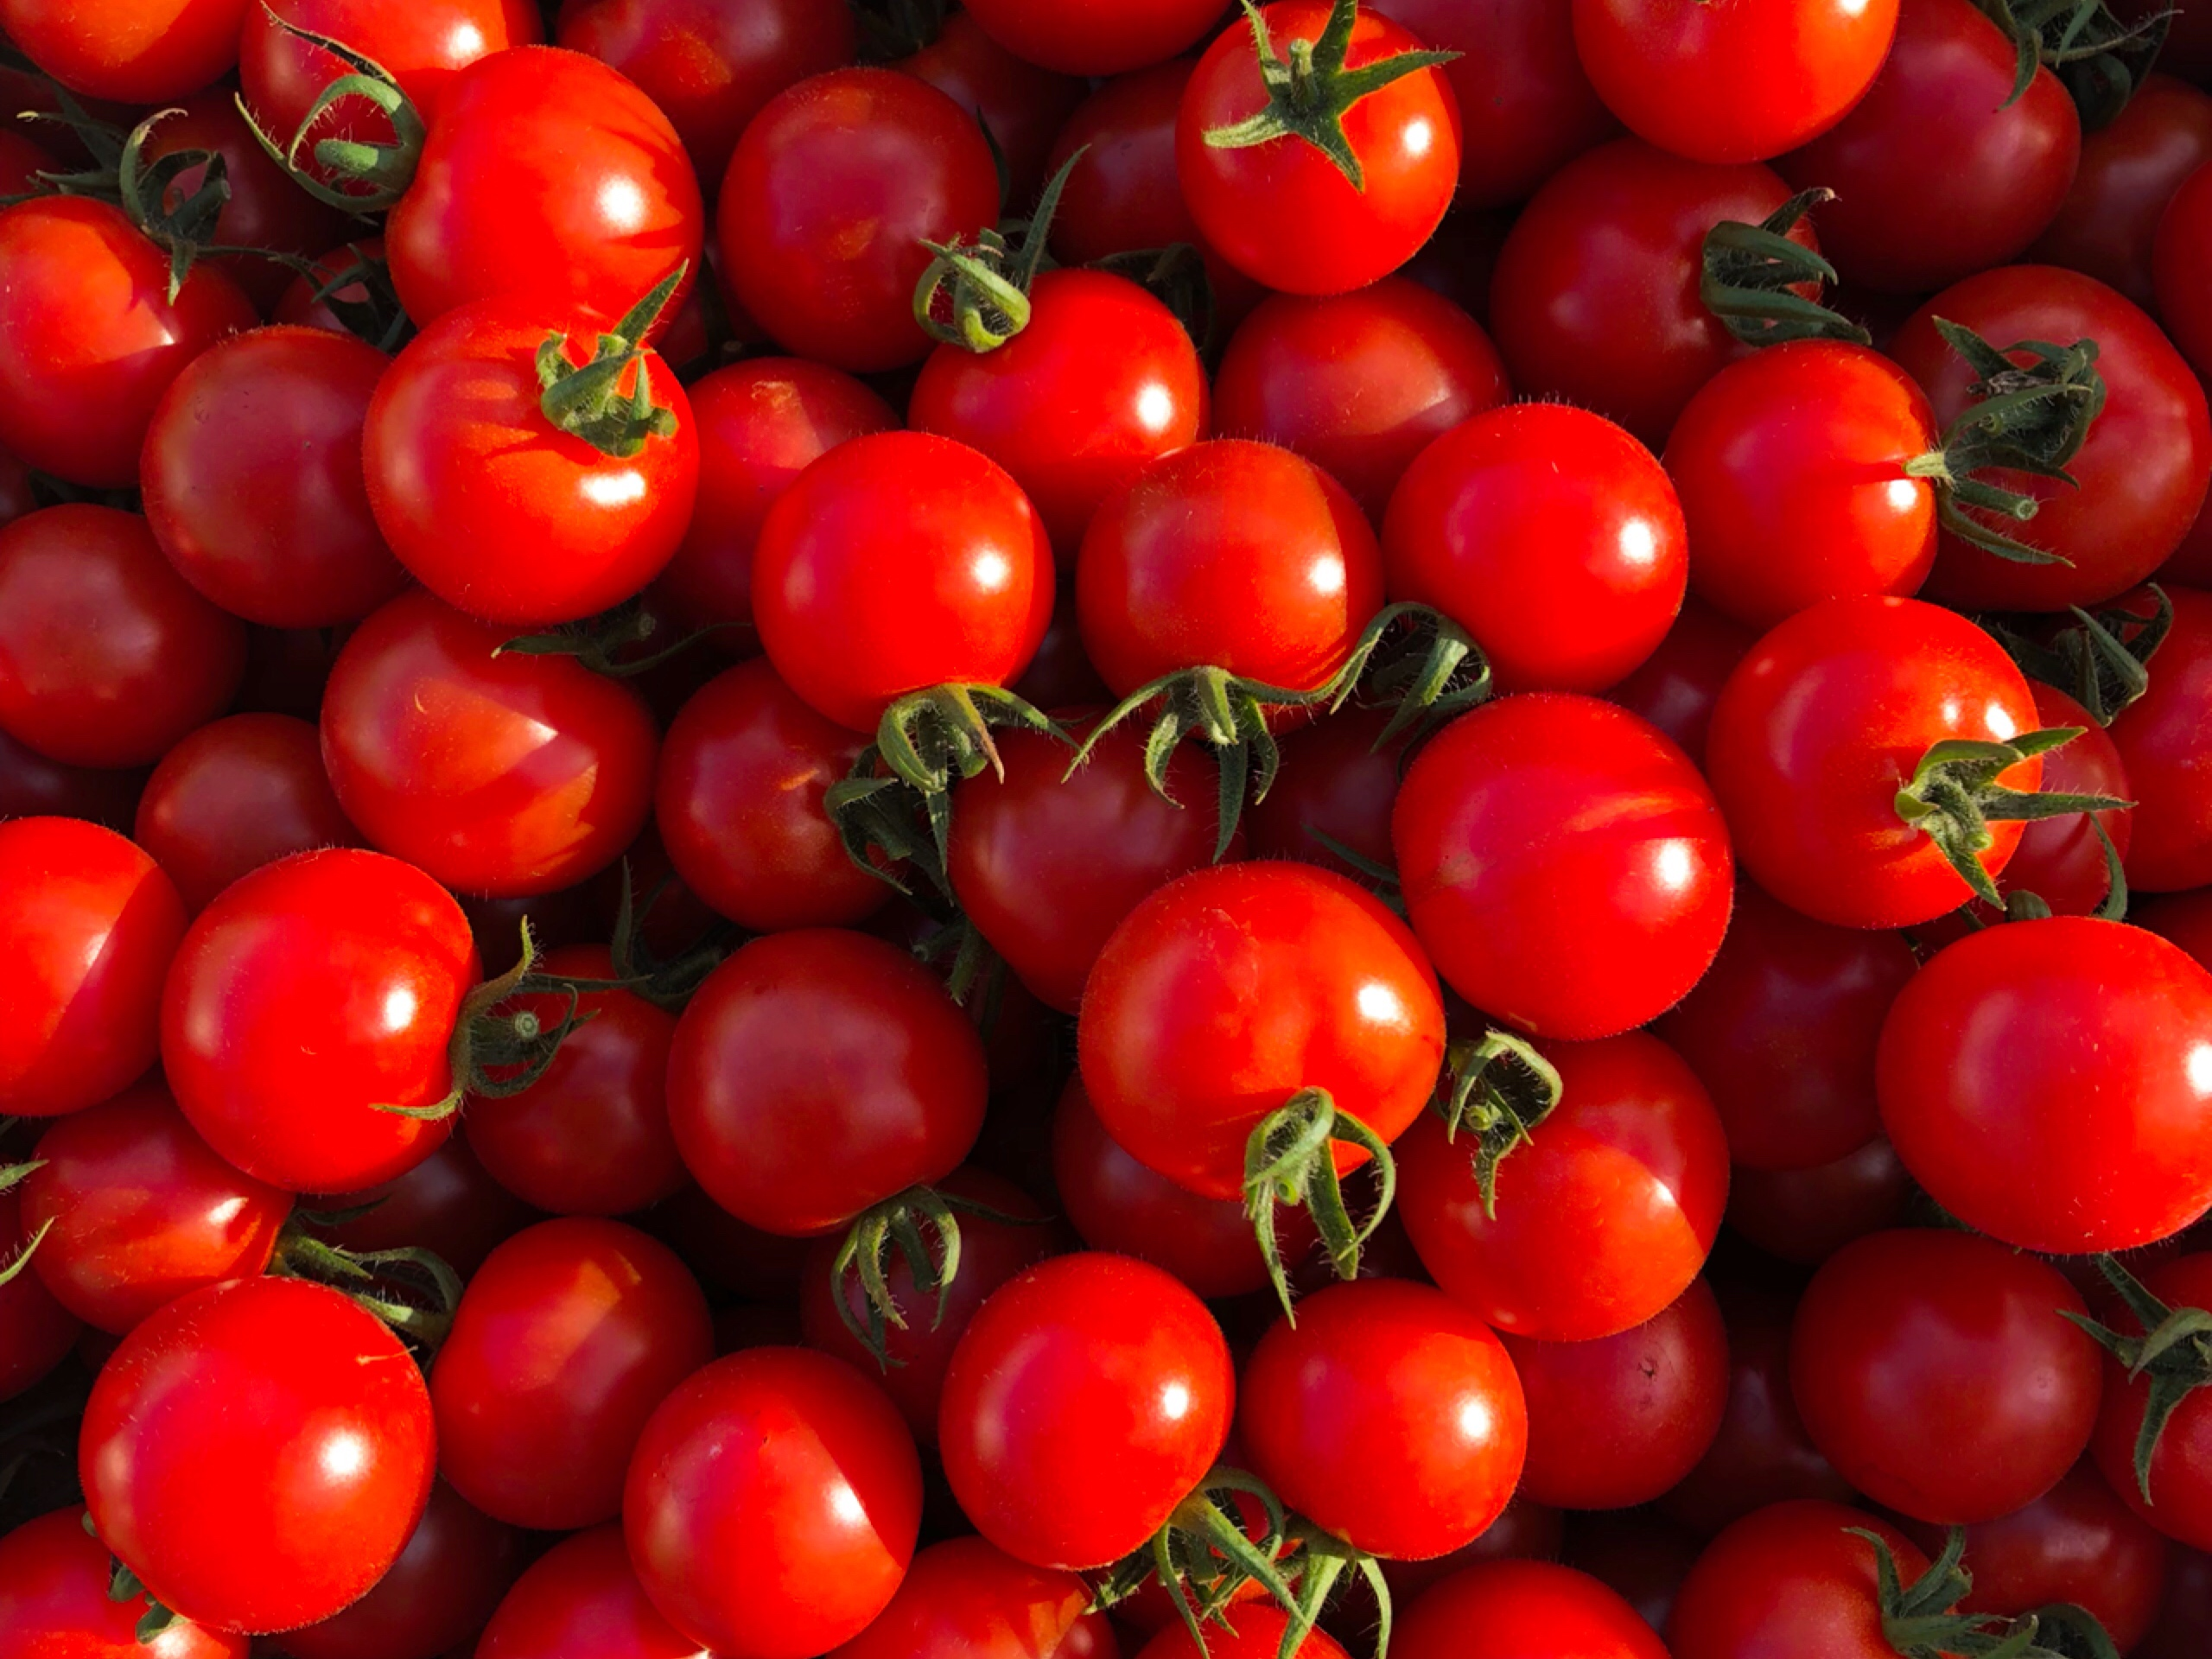 超トマトは植え替えのため、今期は6月5日(水)が最終販売日になります。